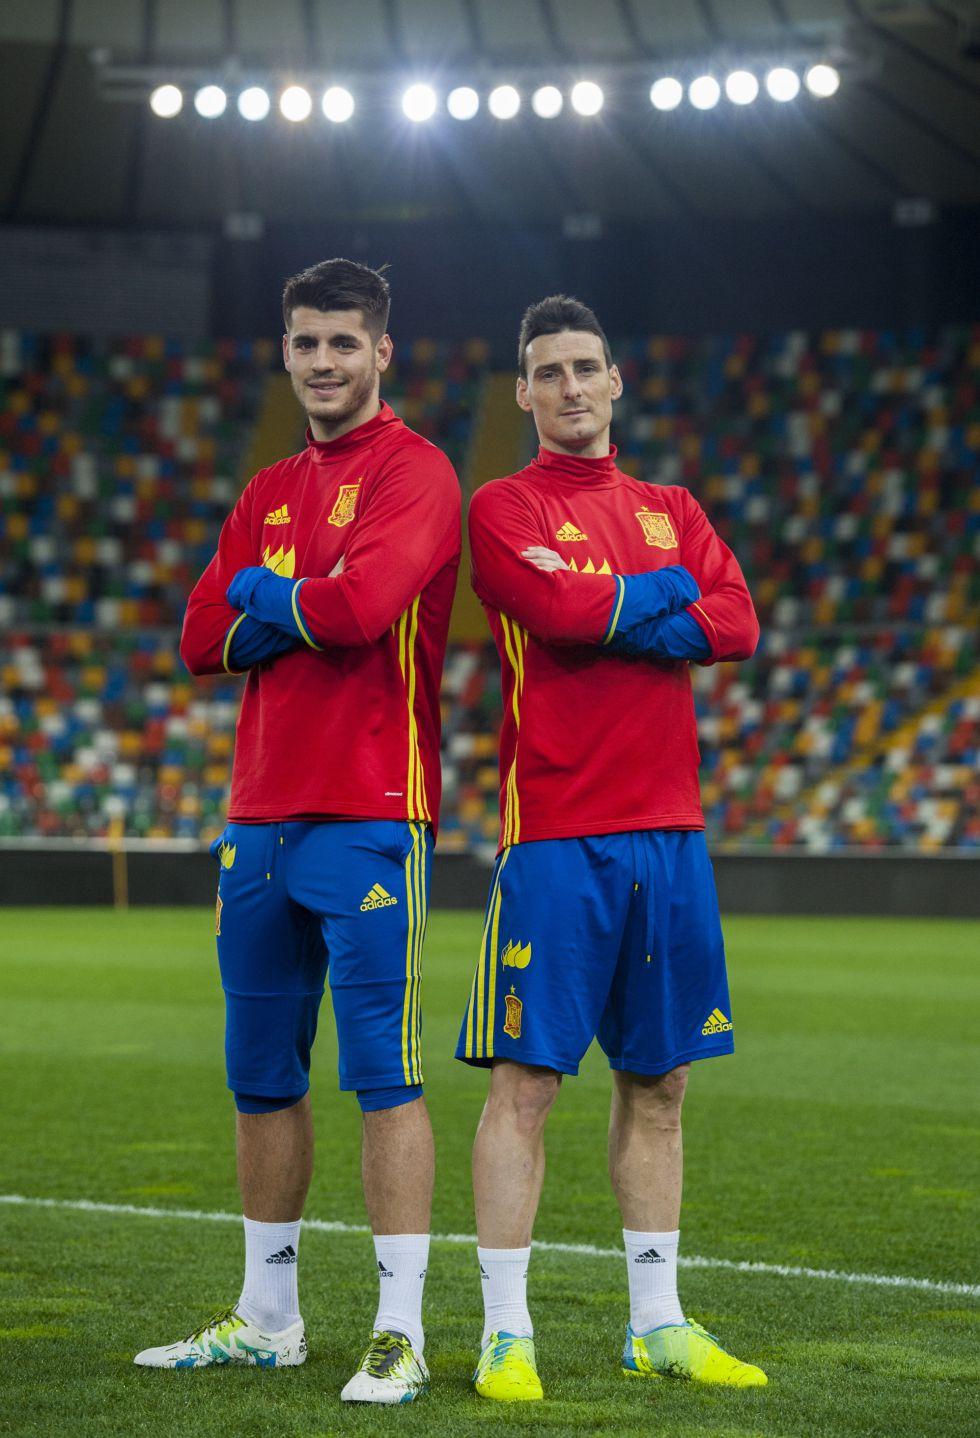 Hilo de la selección de España (selección española) 1458840730_710811_1458841535_noticia_grande